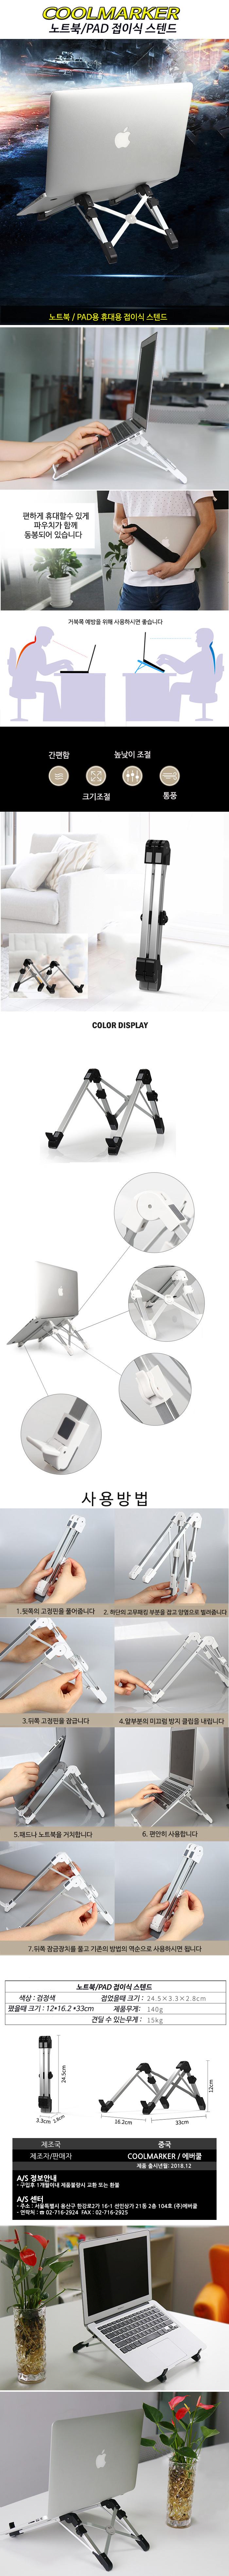 에버쿨 노트북/PAD 접이식 스텐드